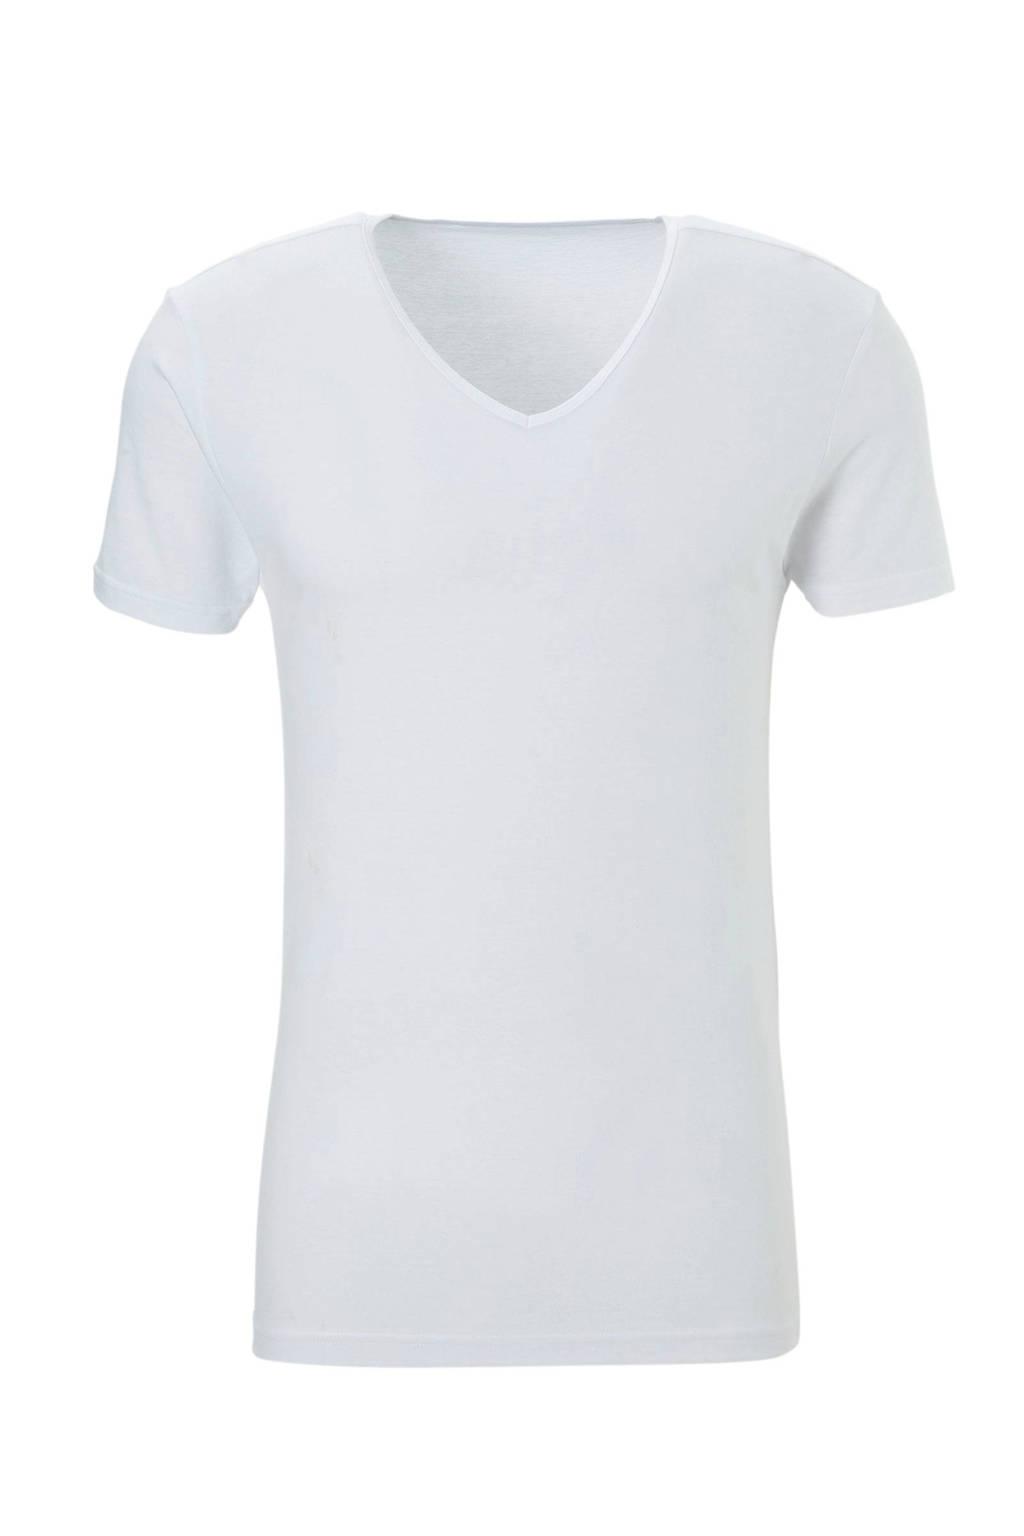 ten Cate T-shirt biologisch katoen wit, Wit